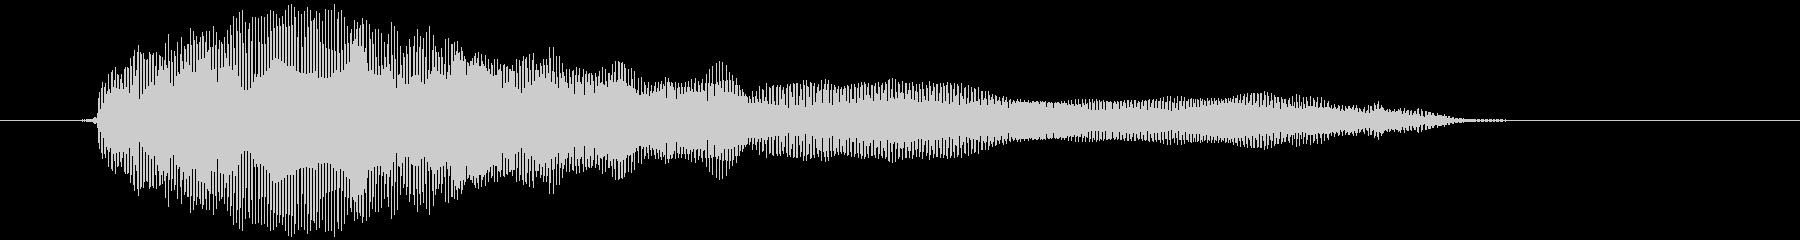 おもちゃの笛 (押す、潰す) プゥゥゥ~の未再生の波形